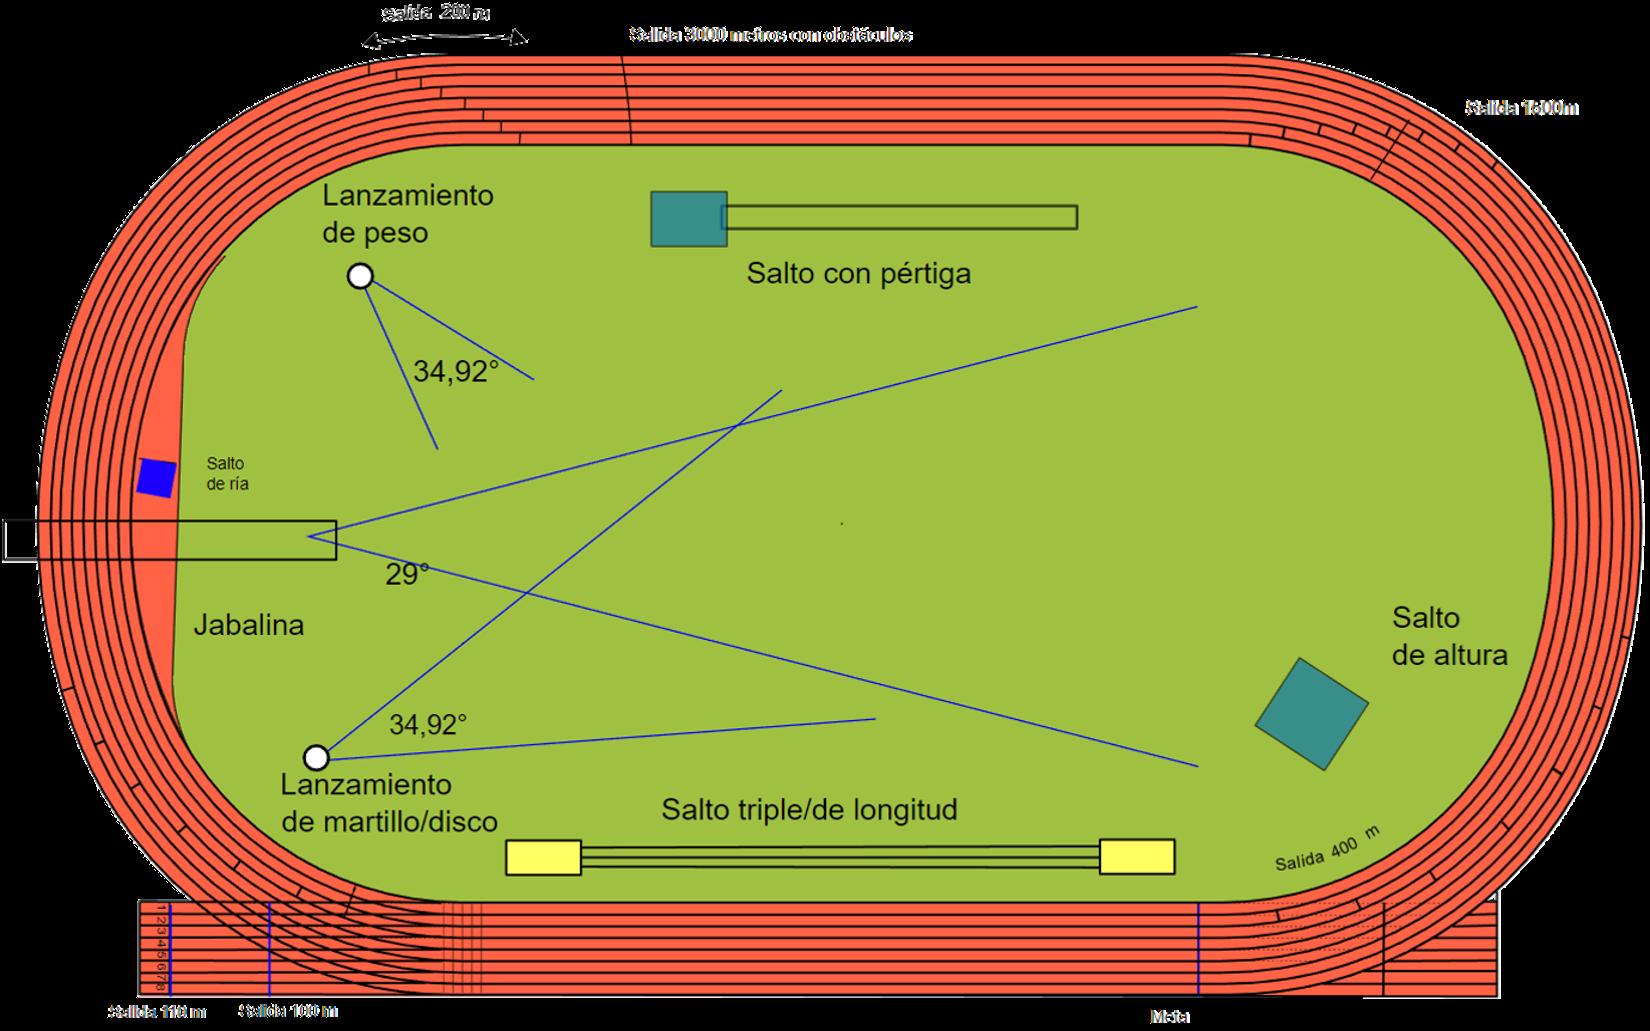 cancha de voleibol con sus dimensiones y zonas